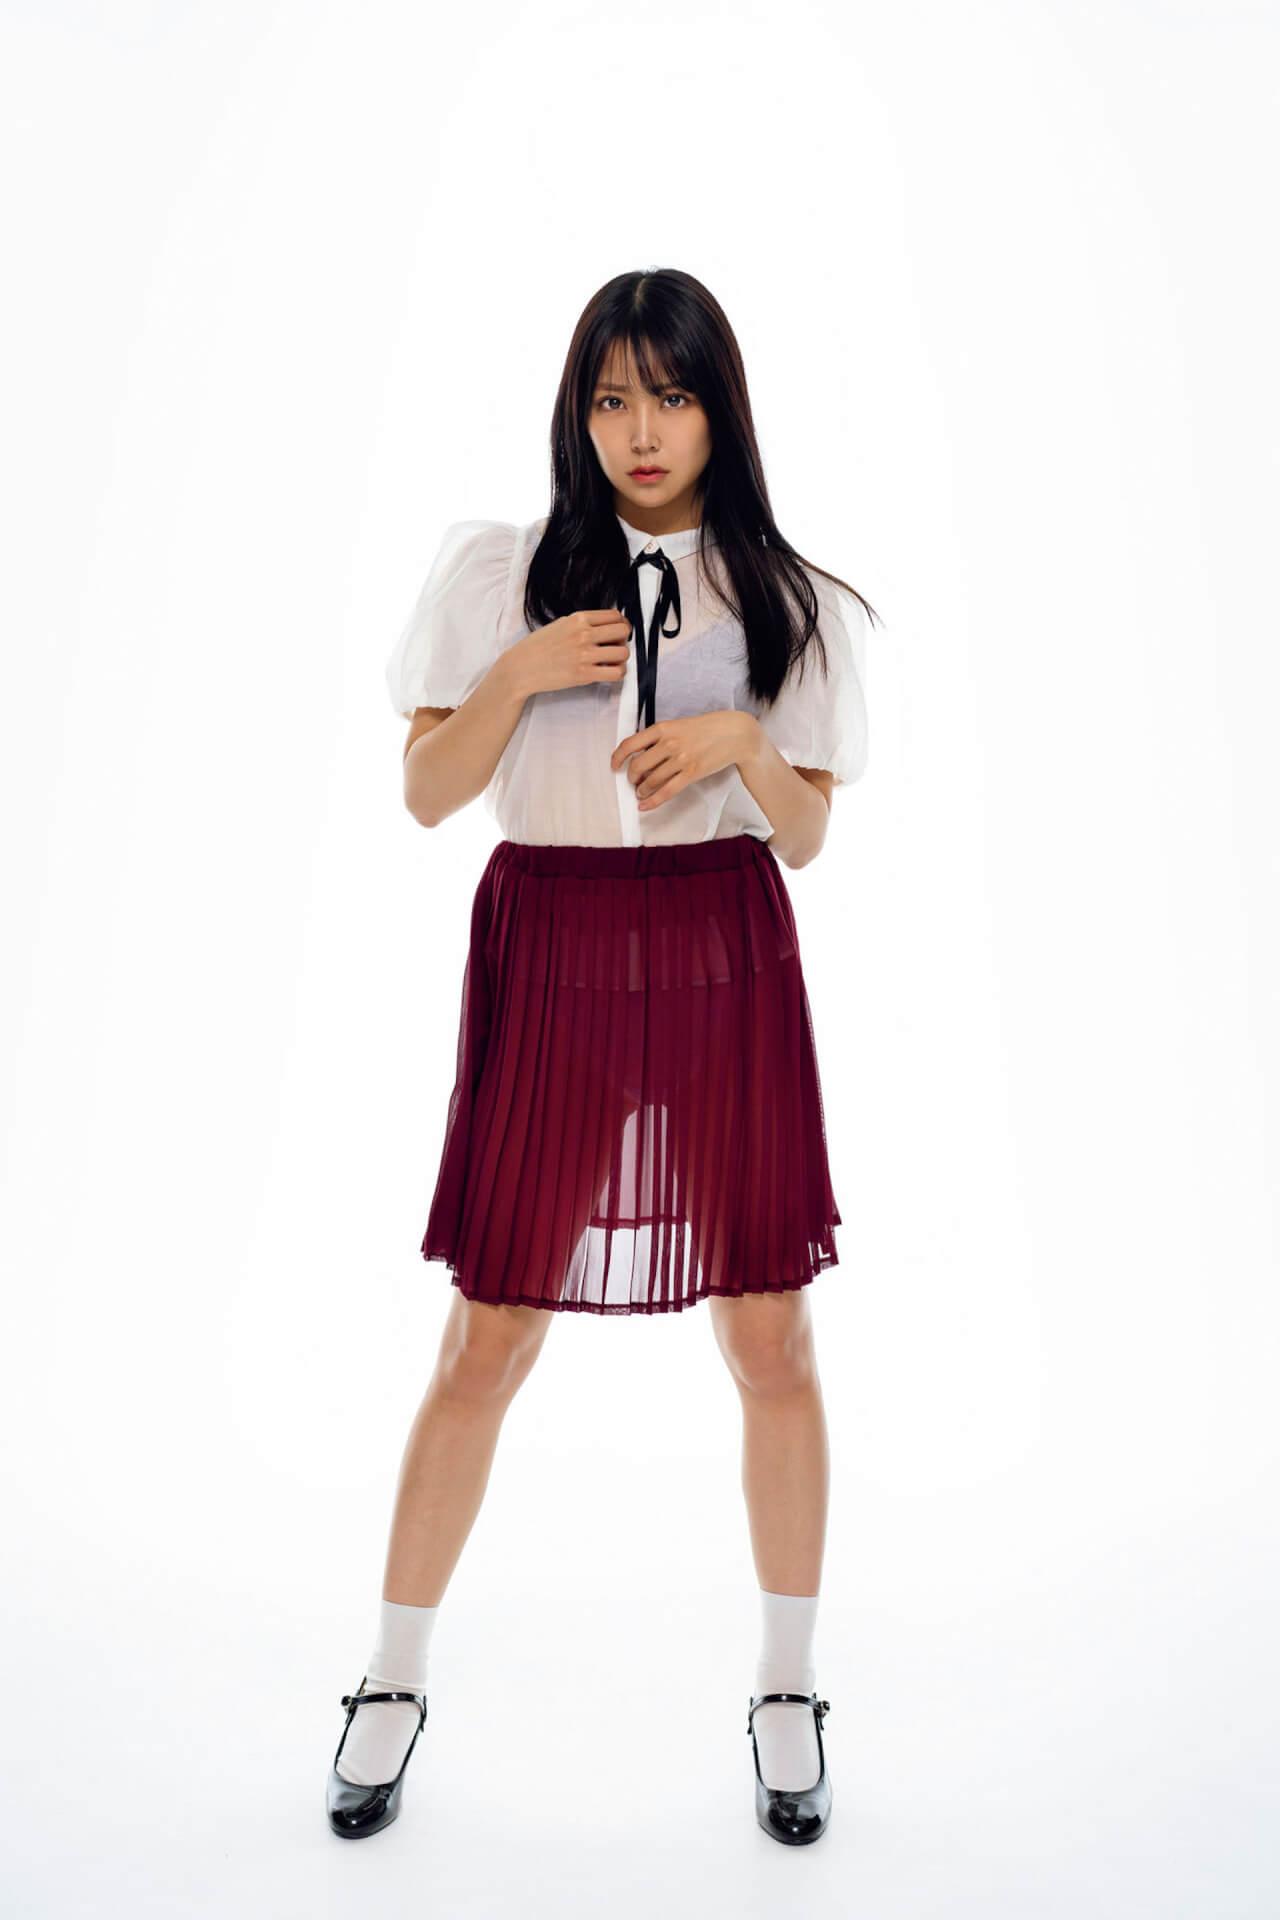 『めざましテレビ』のイマドキガール志田音々が純白のランジェリー姿を披露!『FLASH』でグラビアに挑戦 art210629_flash_2